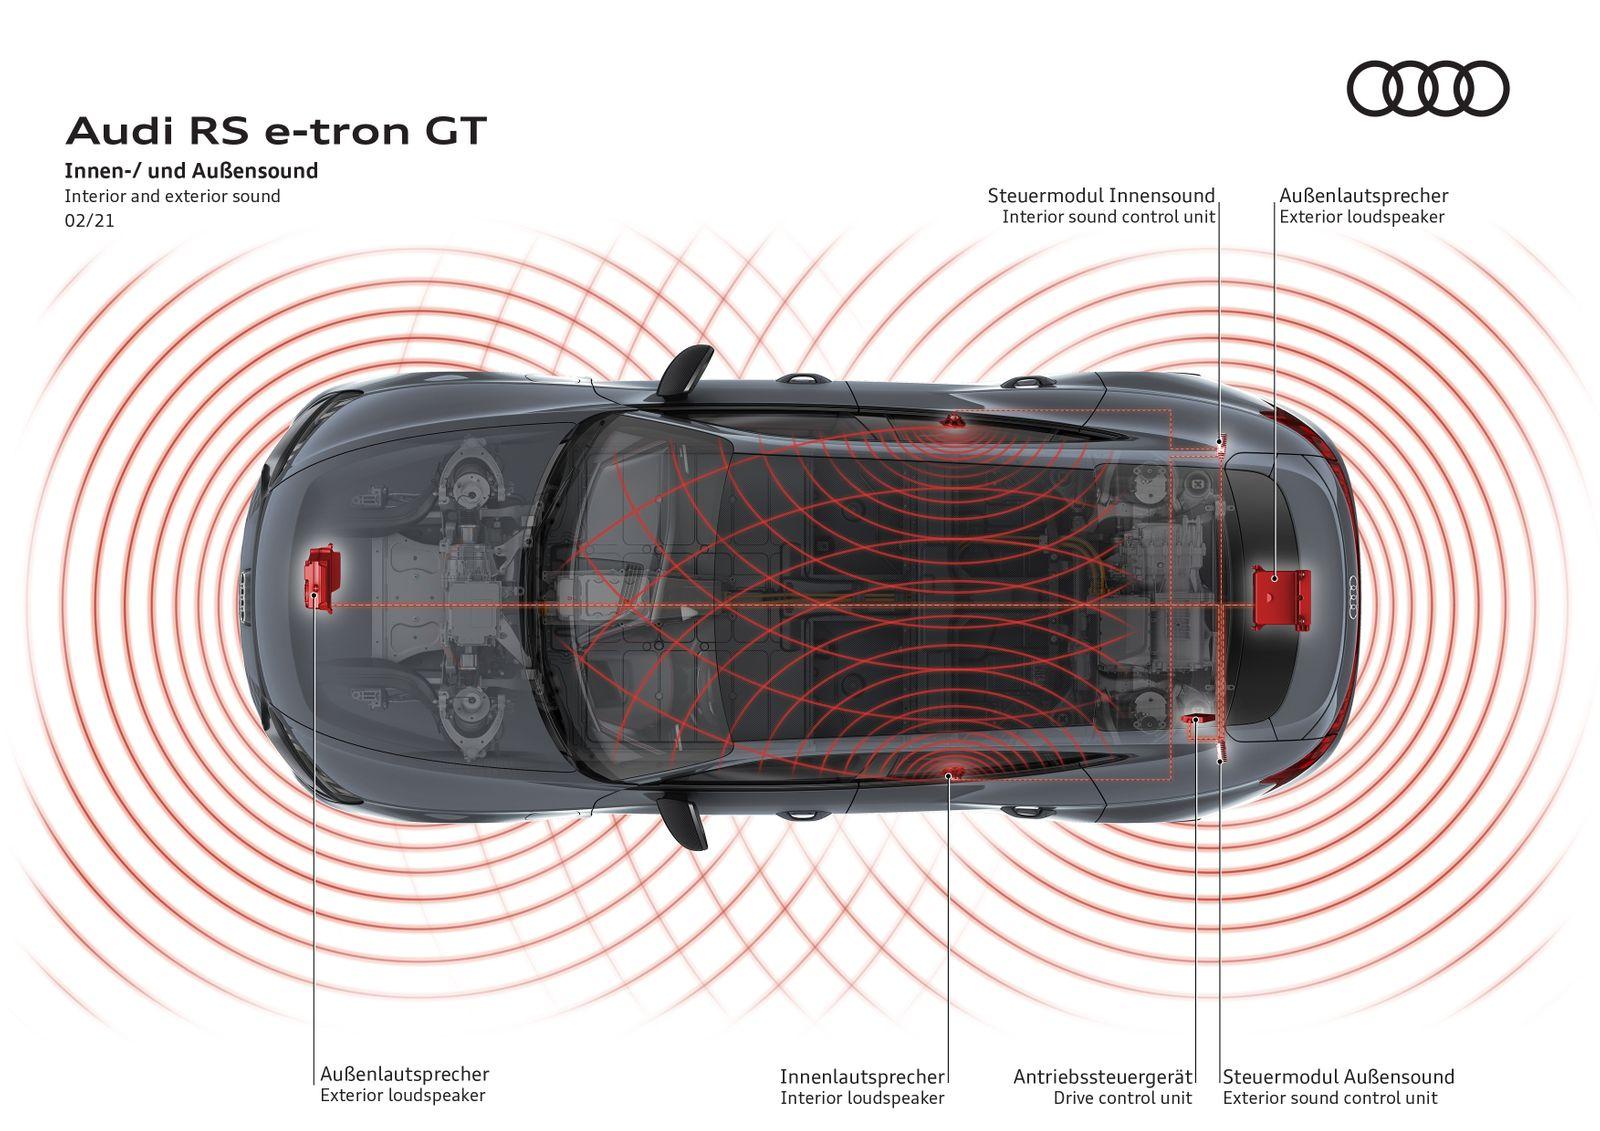 E-Auto Sound: Audi RS e-tron GT